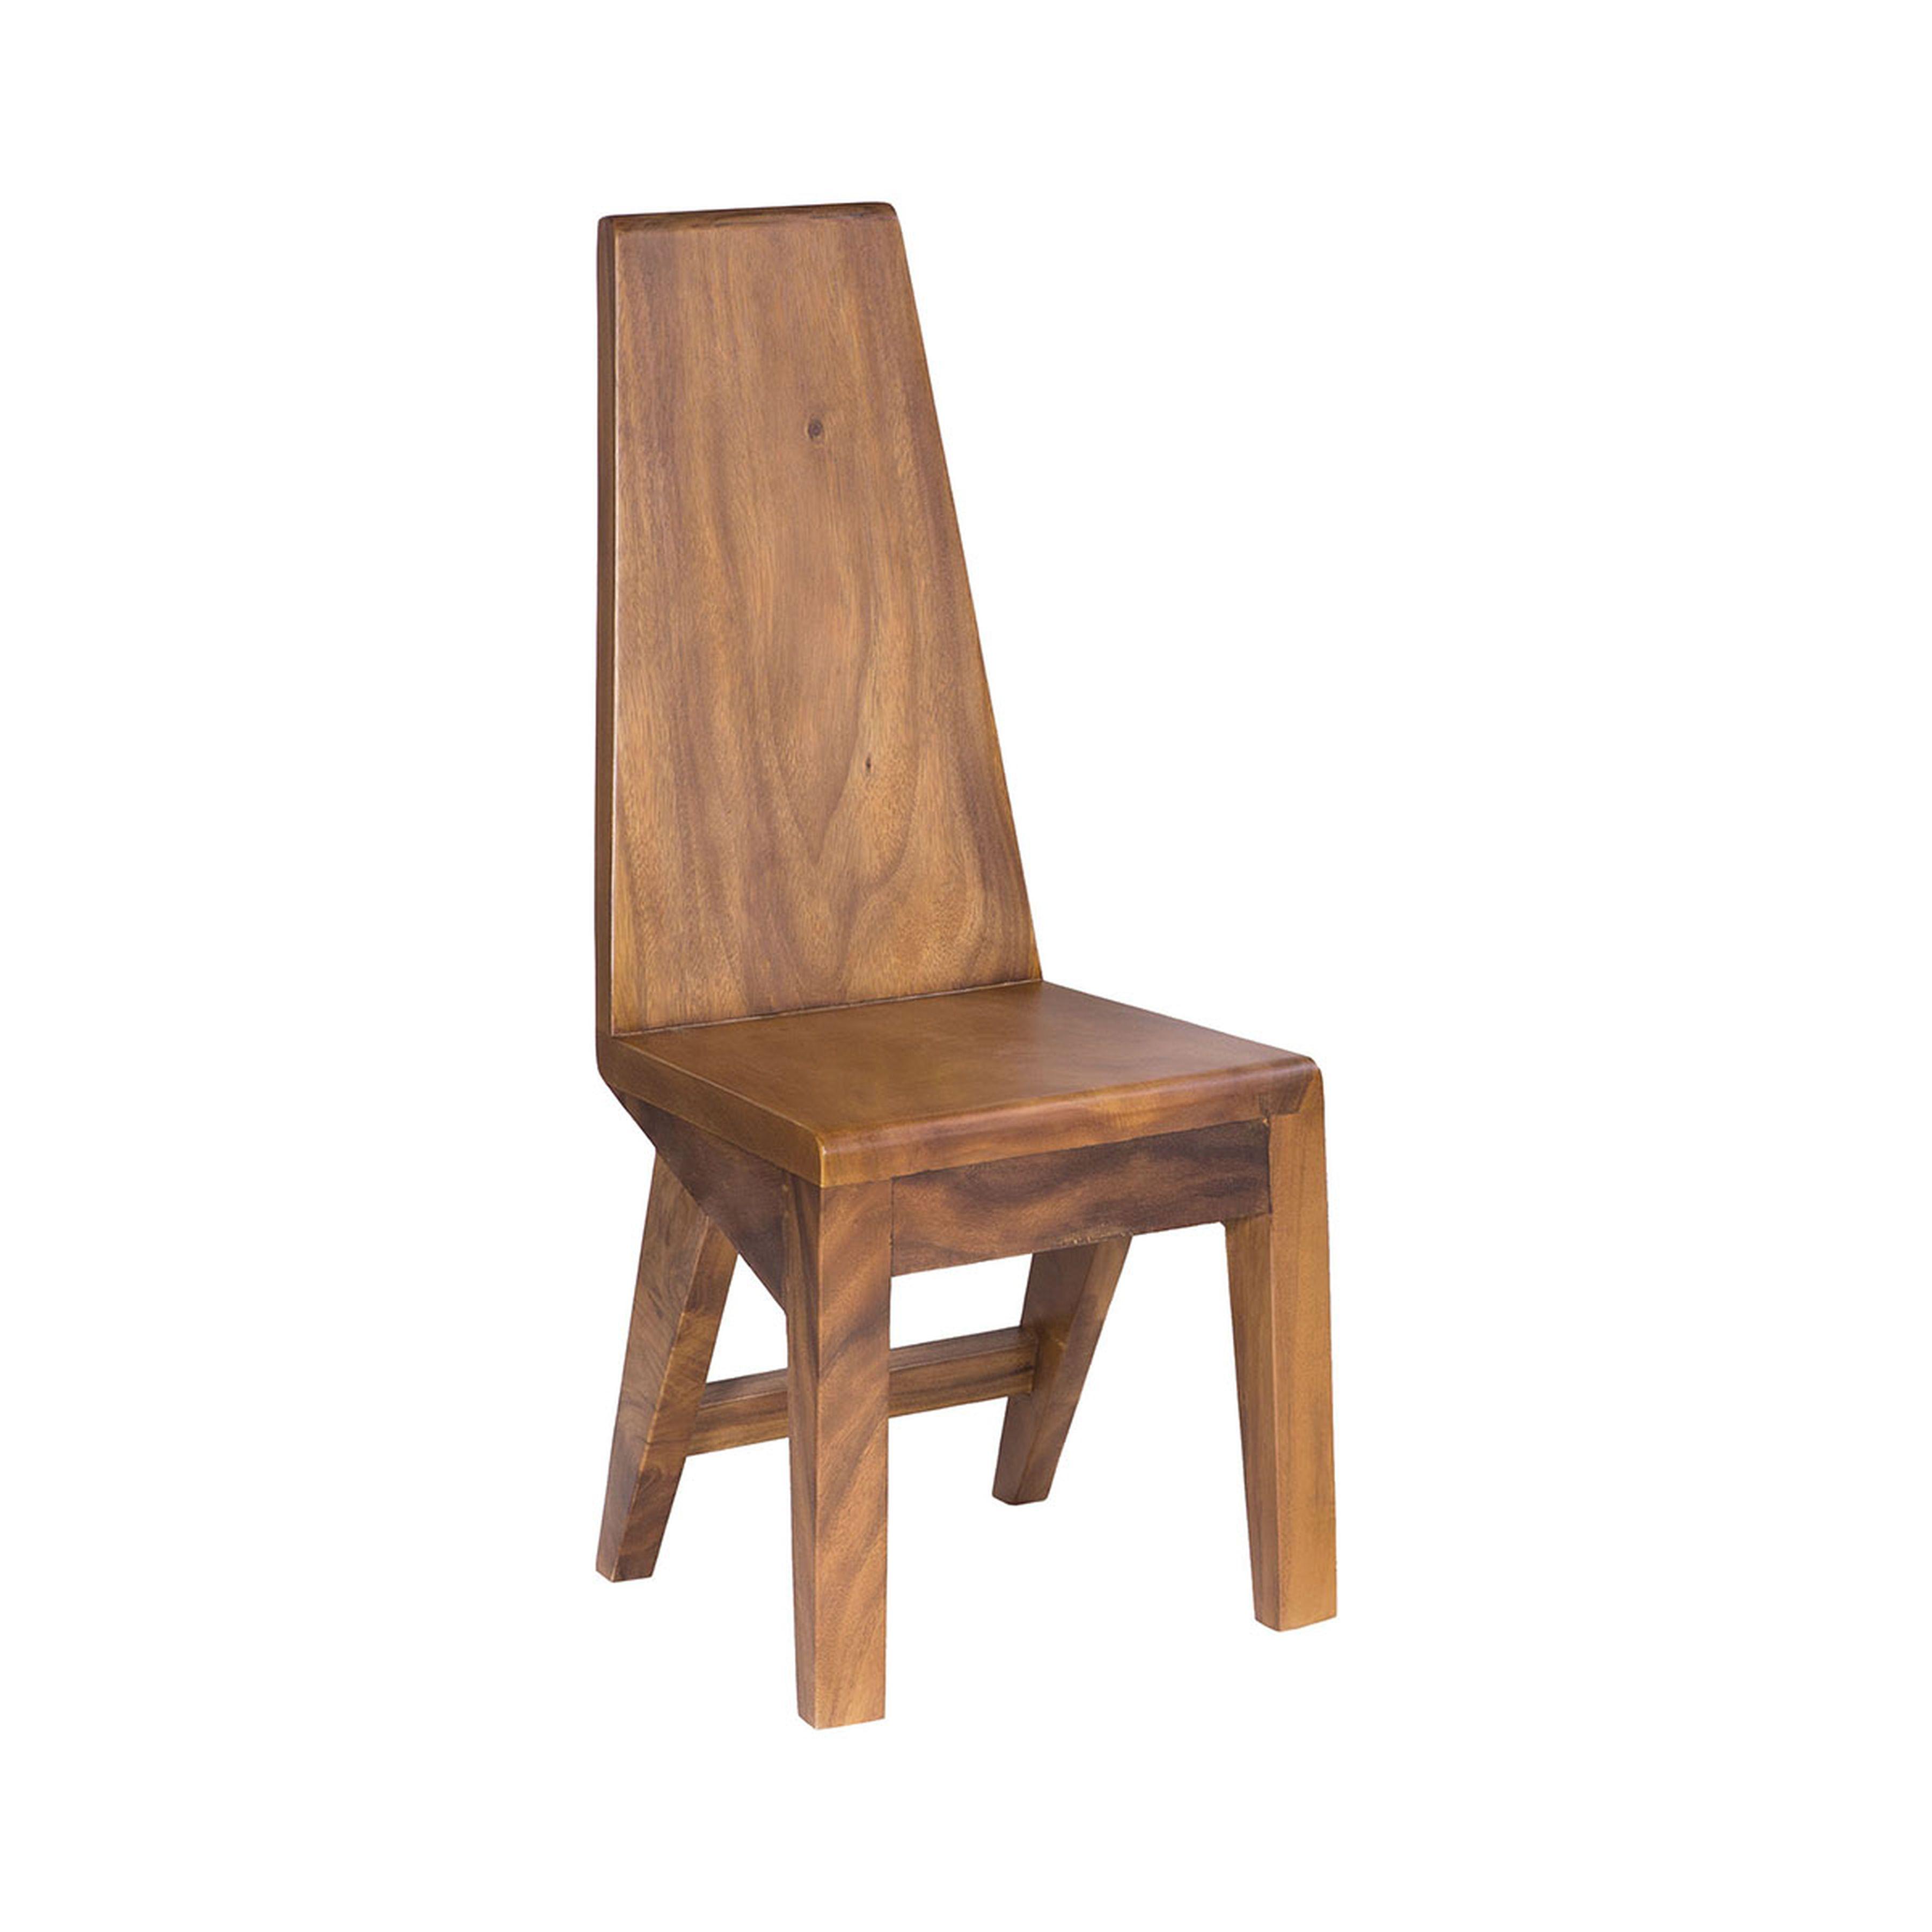 Teak Wood Dining Chair 6917527 | ELK Home